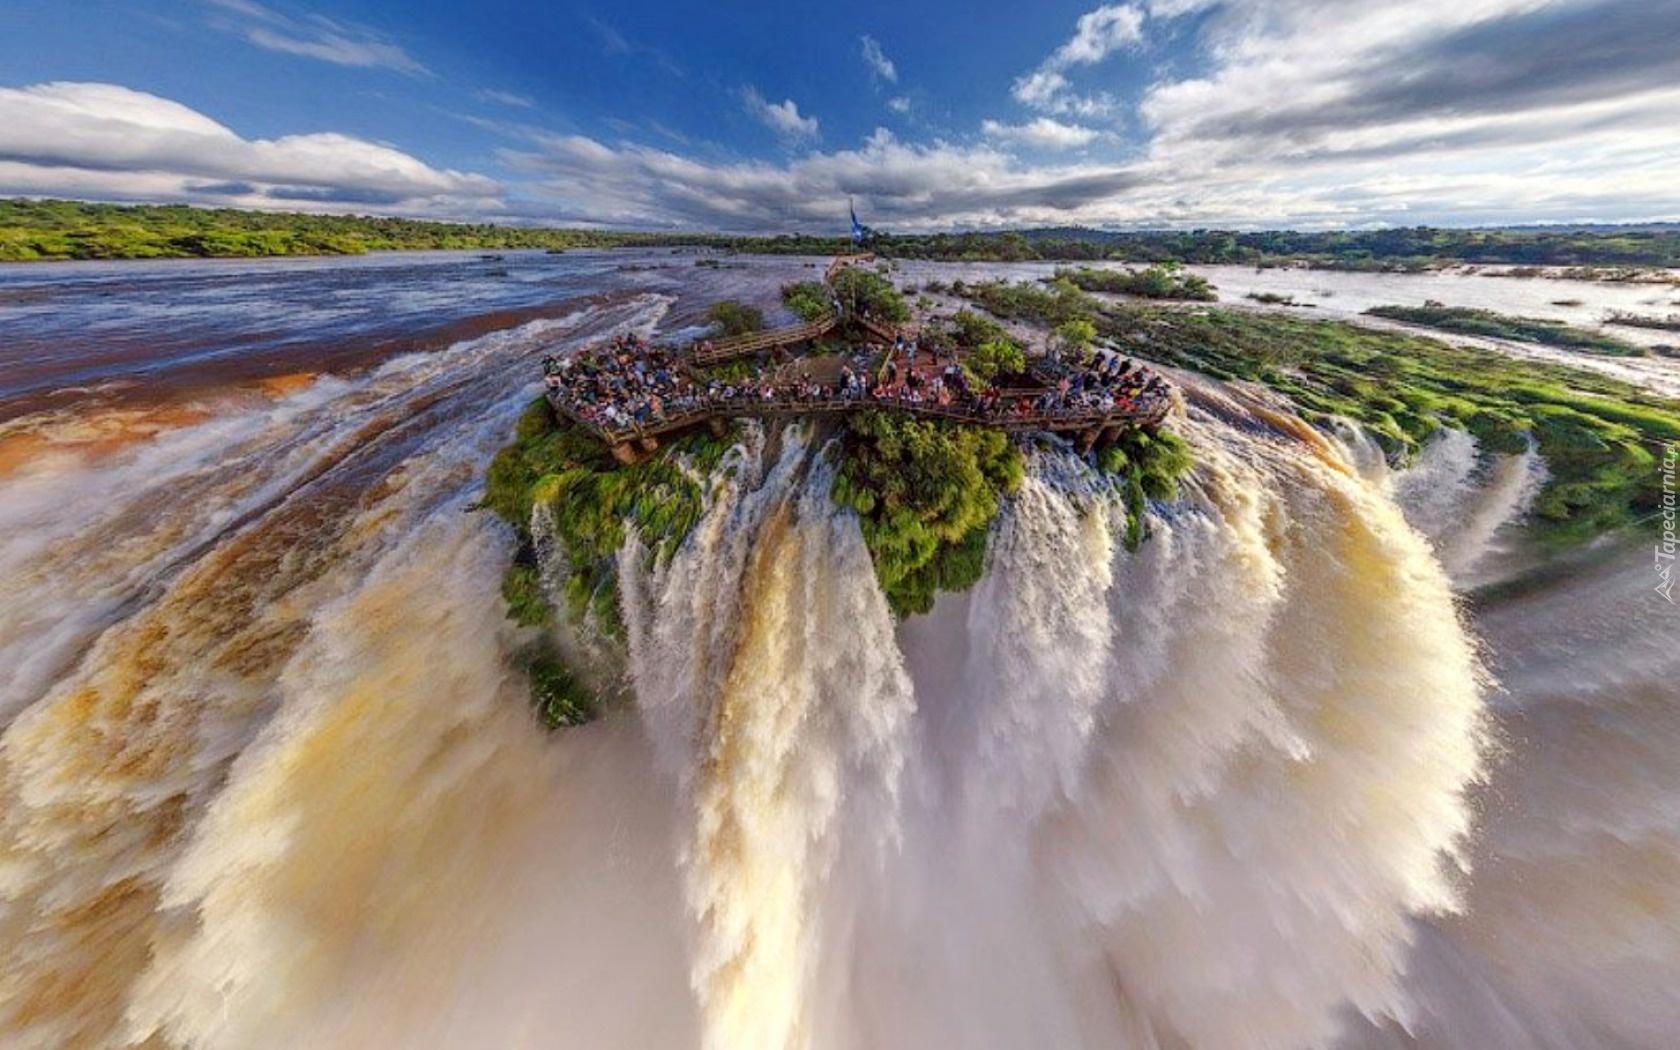 Удивительные фотографии со всего света с описанием